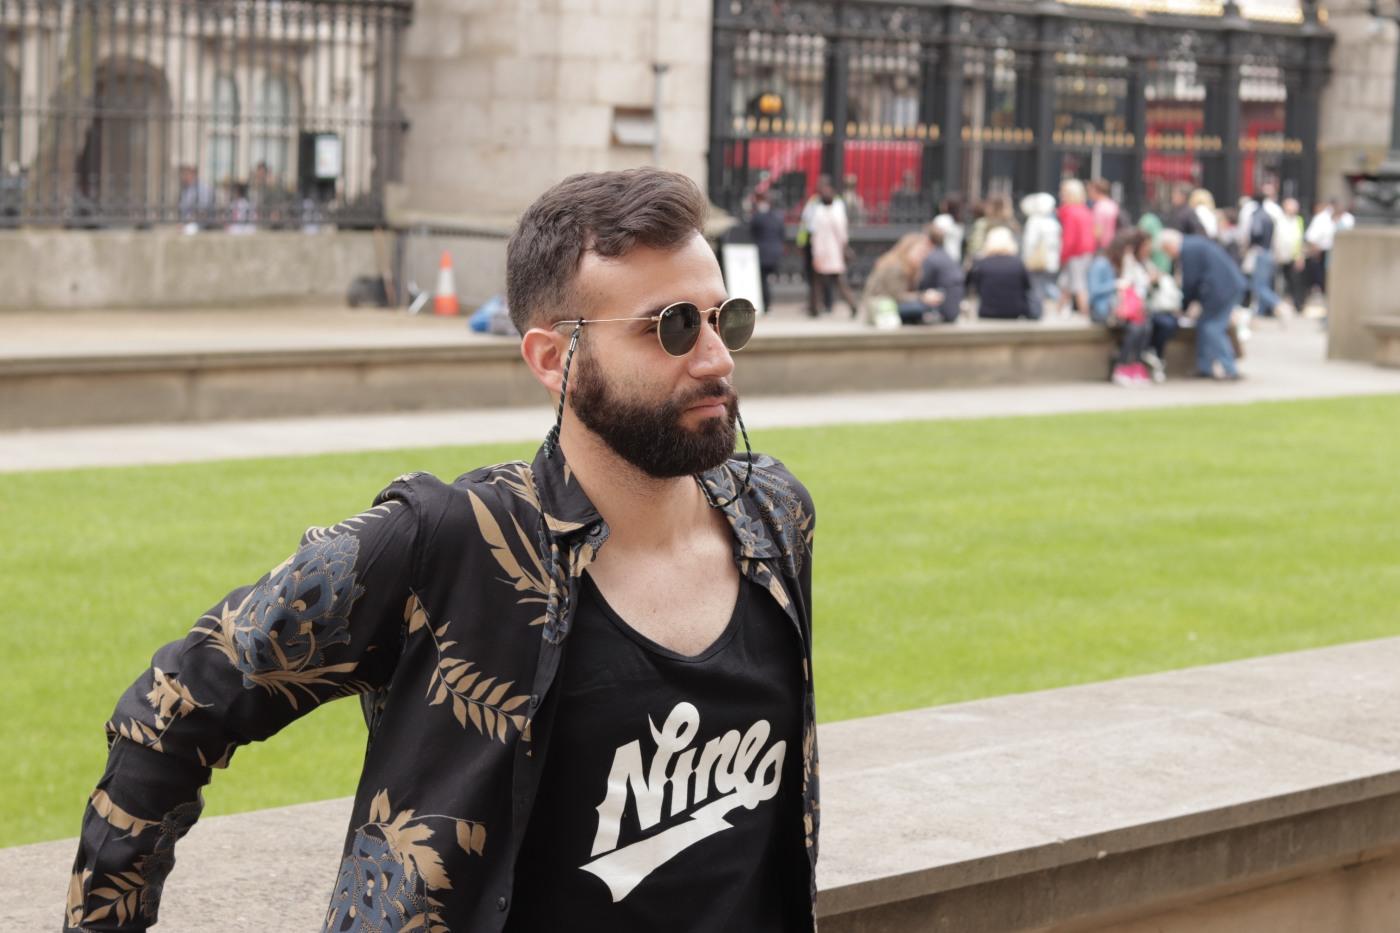 wwms london milan style 127